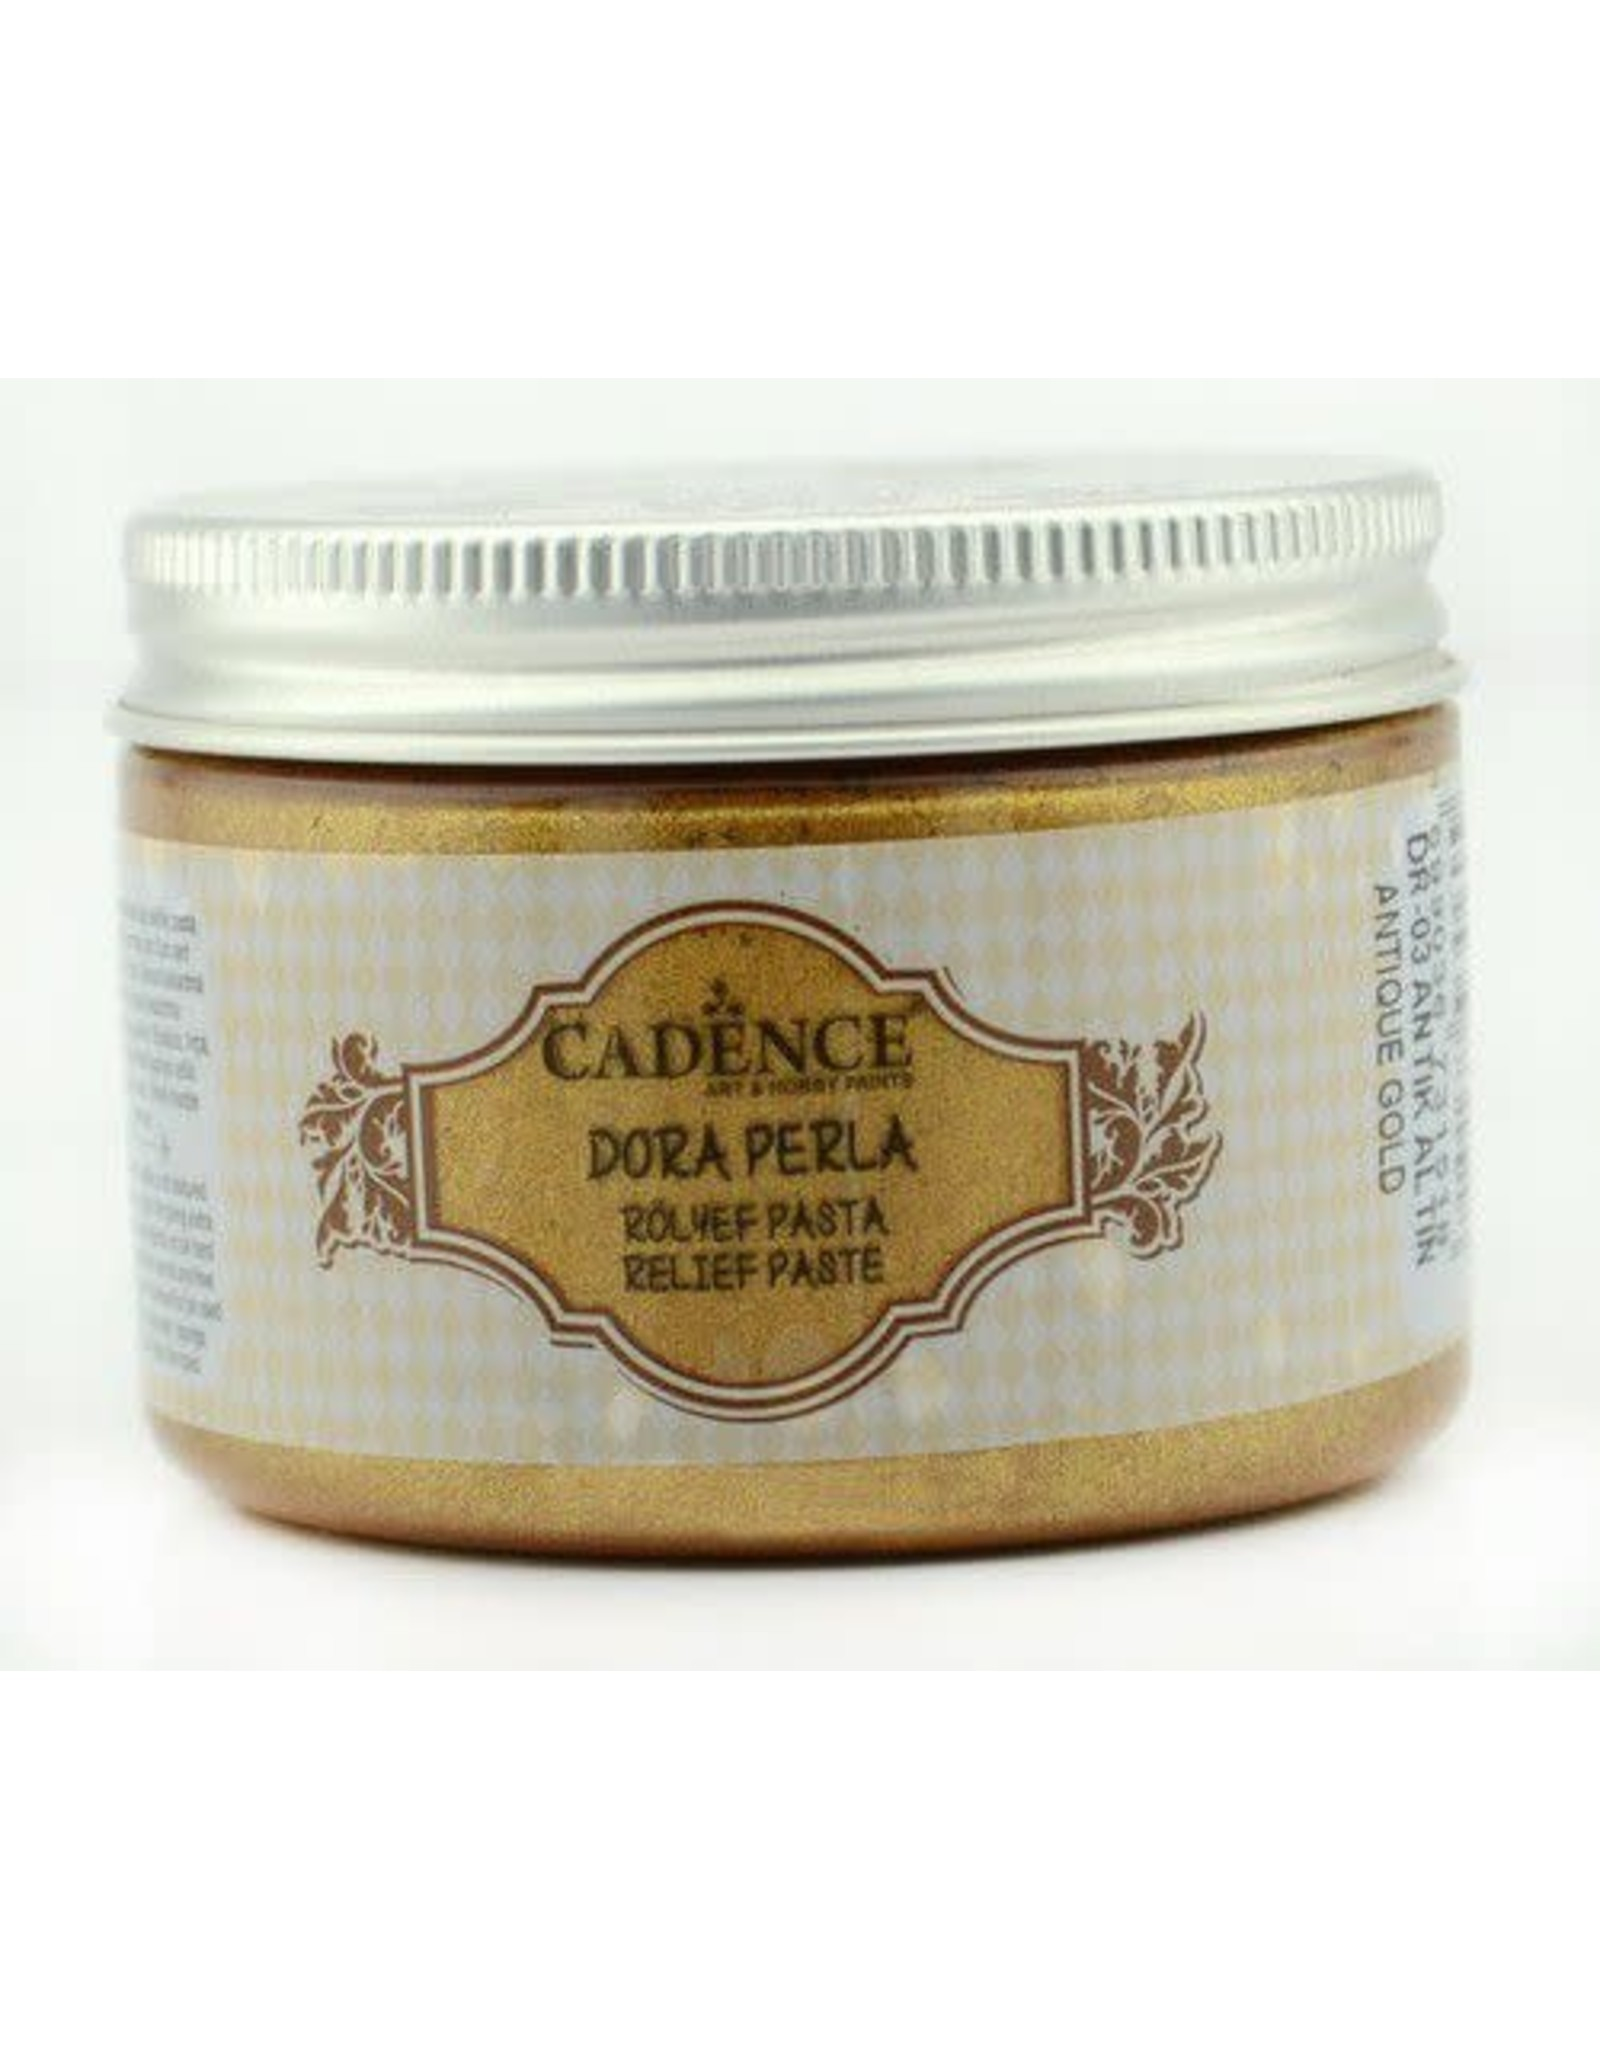 Cadence Cadence Dora Perla Met. Relief Pasta Antiek goud  150 ml